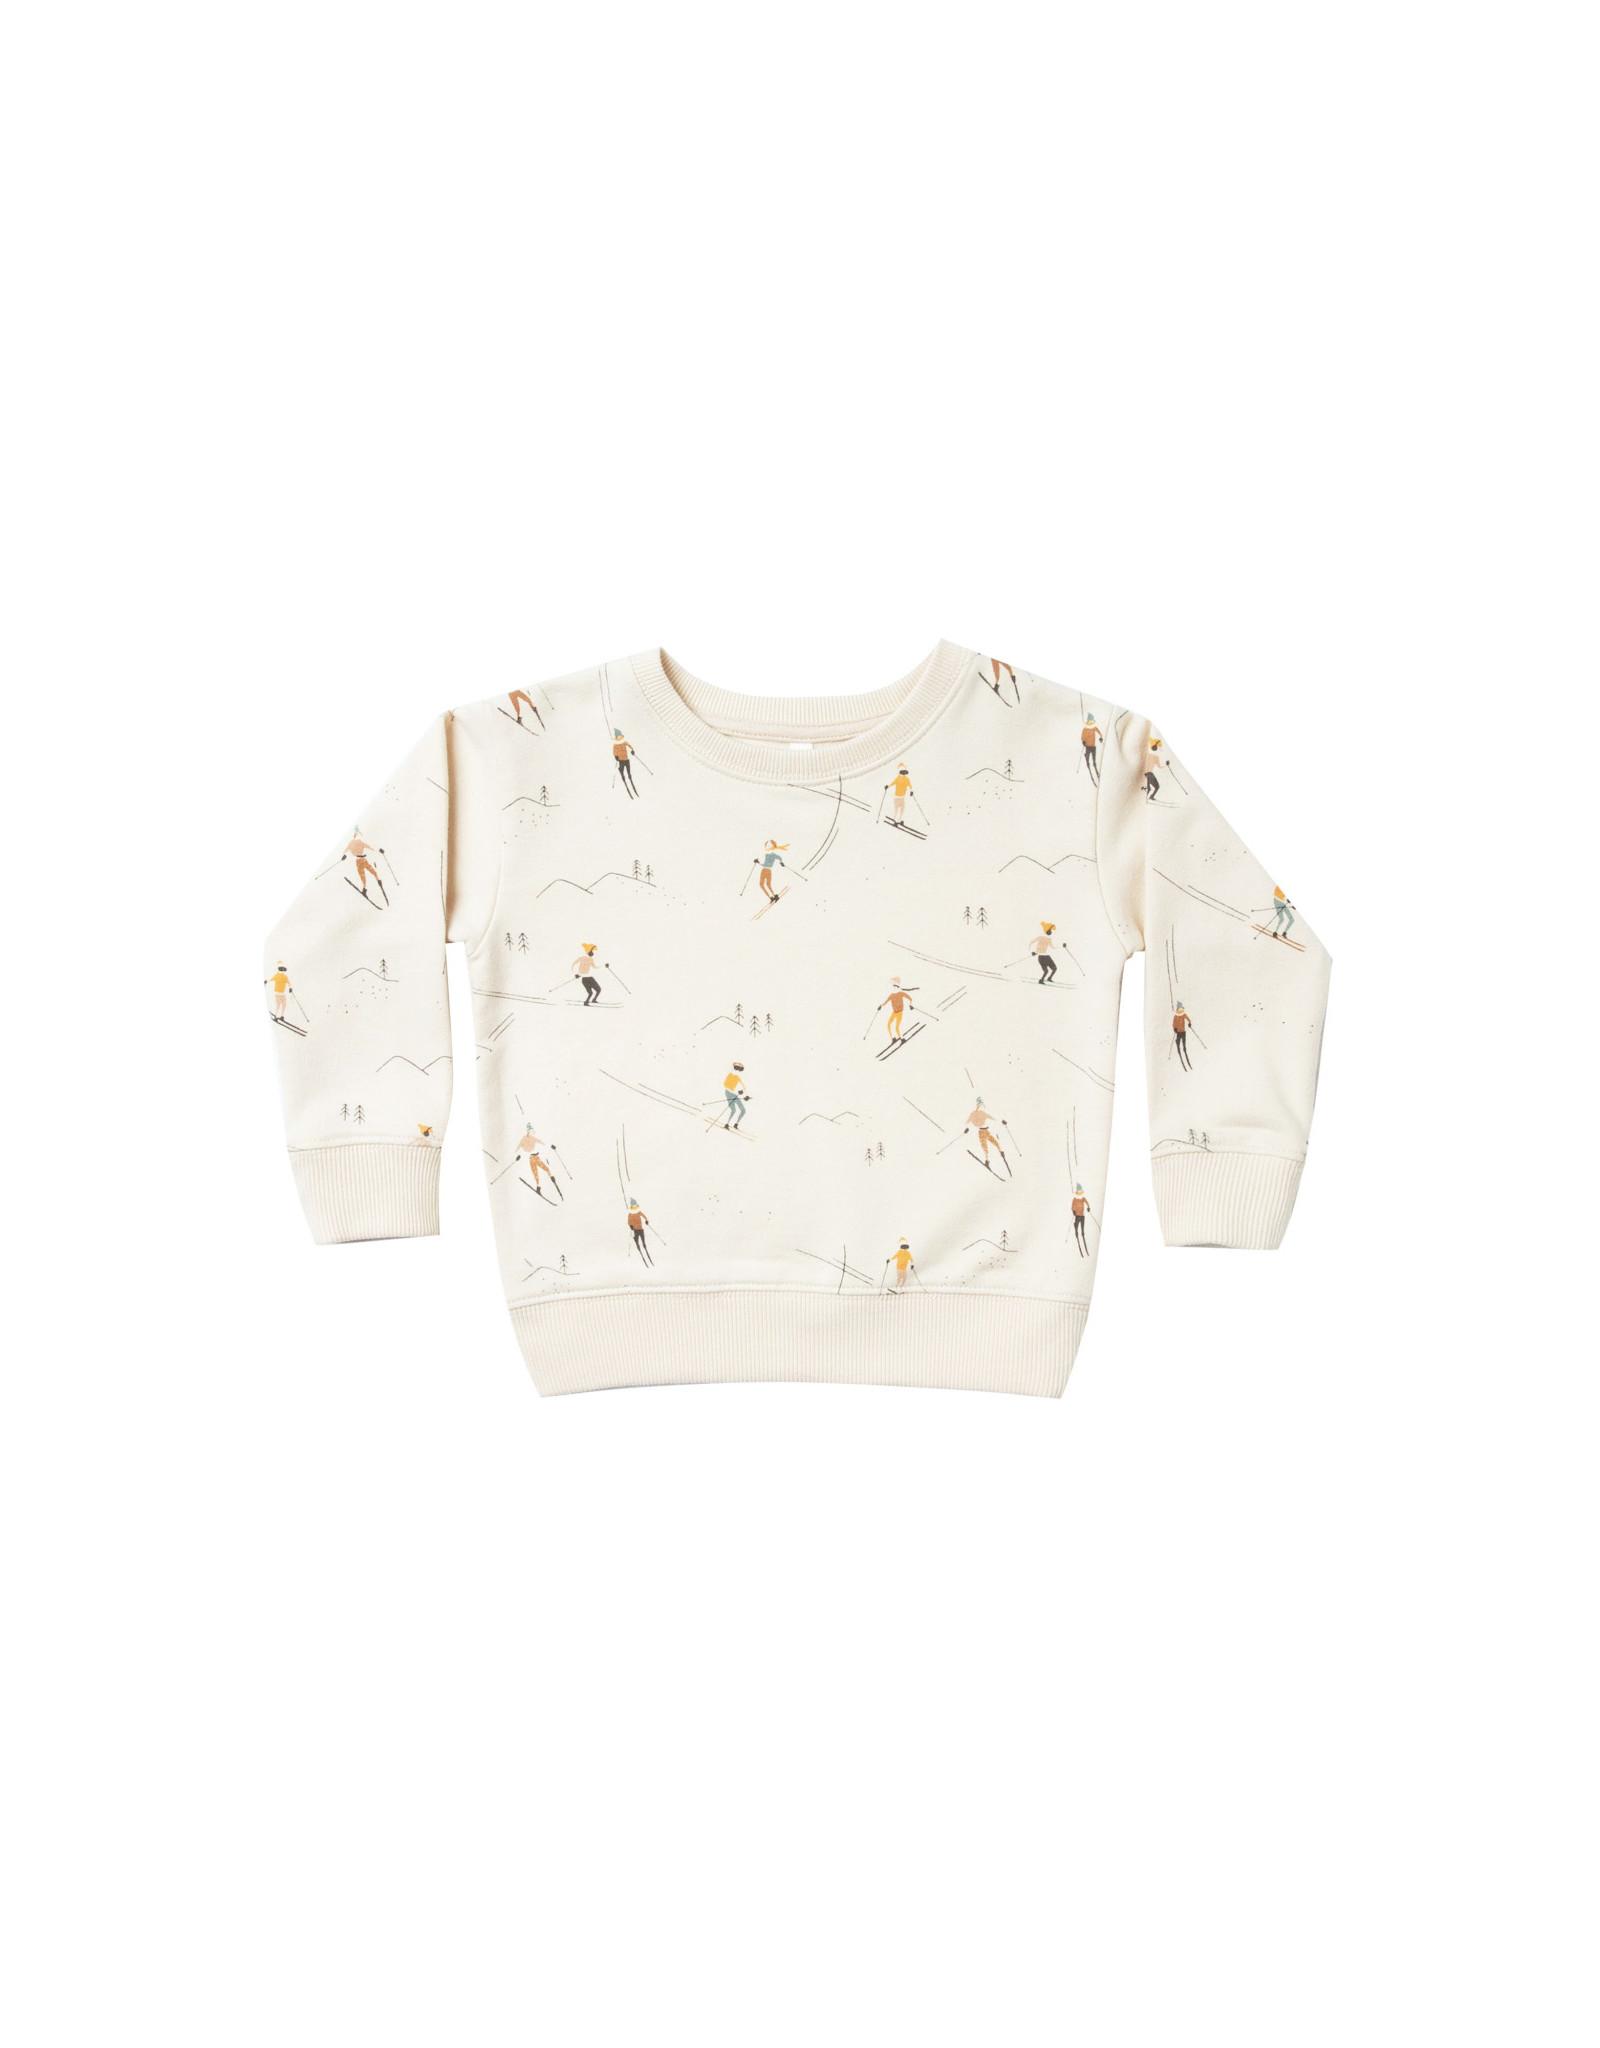 Rylee + Cru Rylee + Cru Ski Sweatshirt